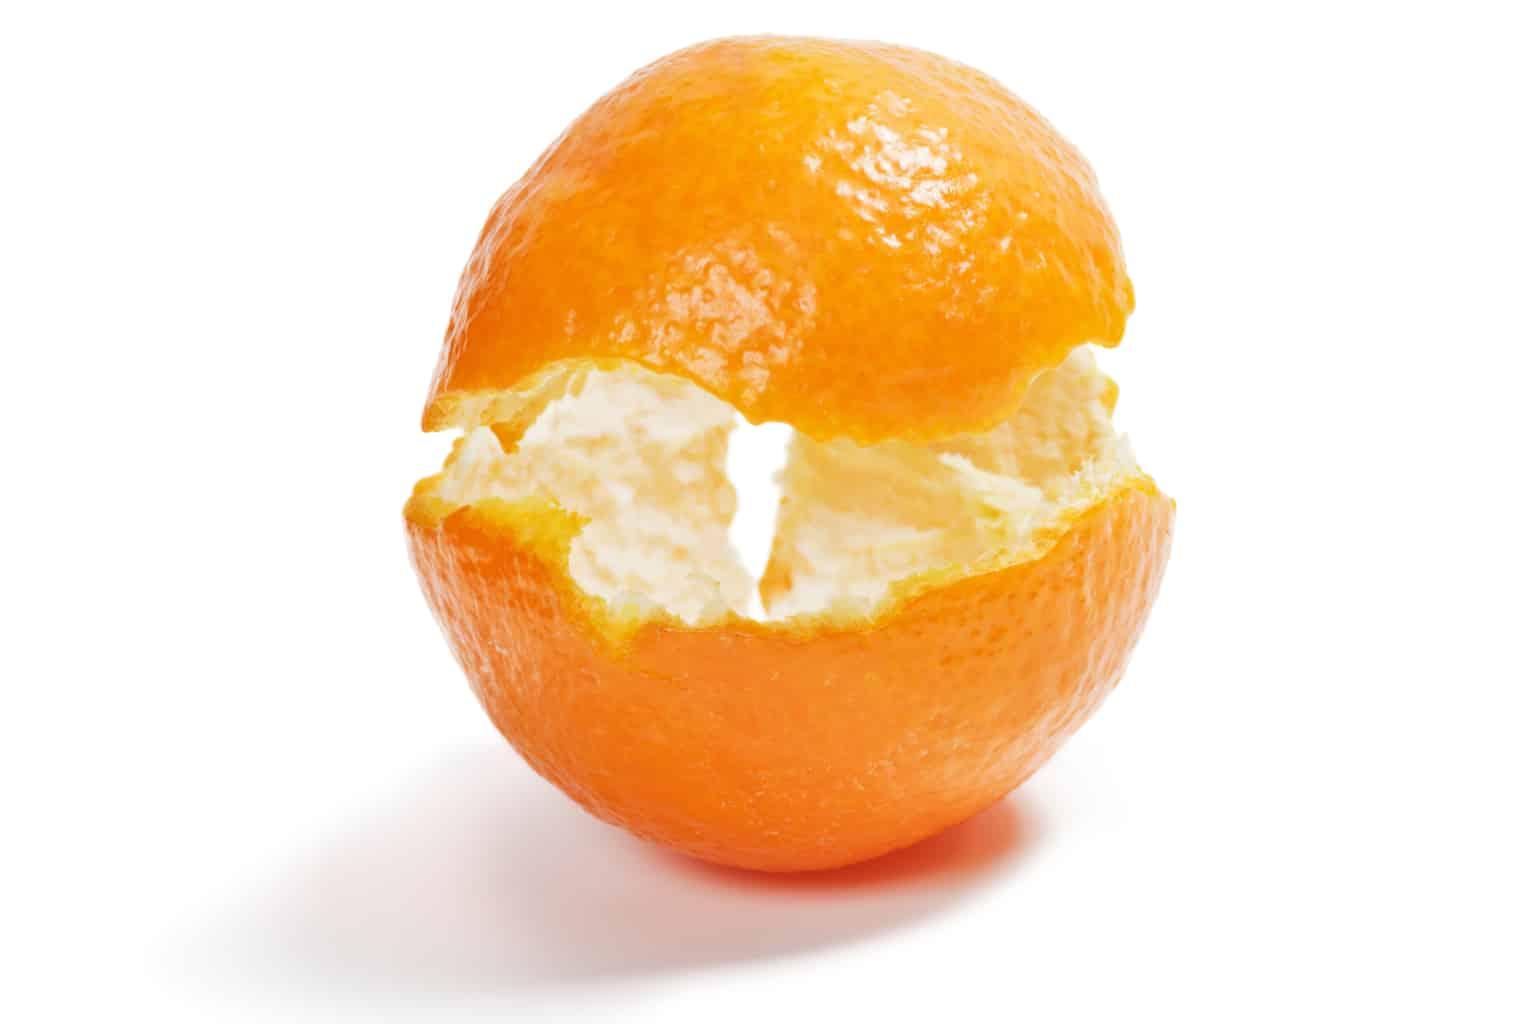 Citrus peel prevents obesity